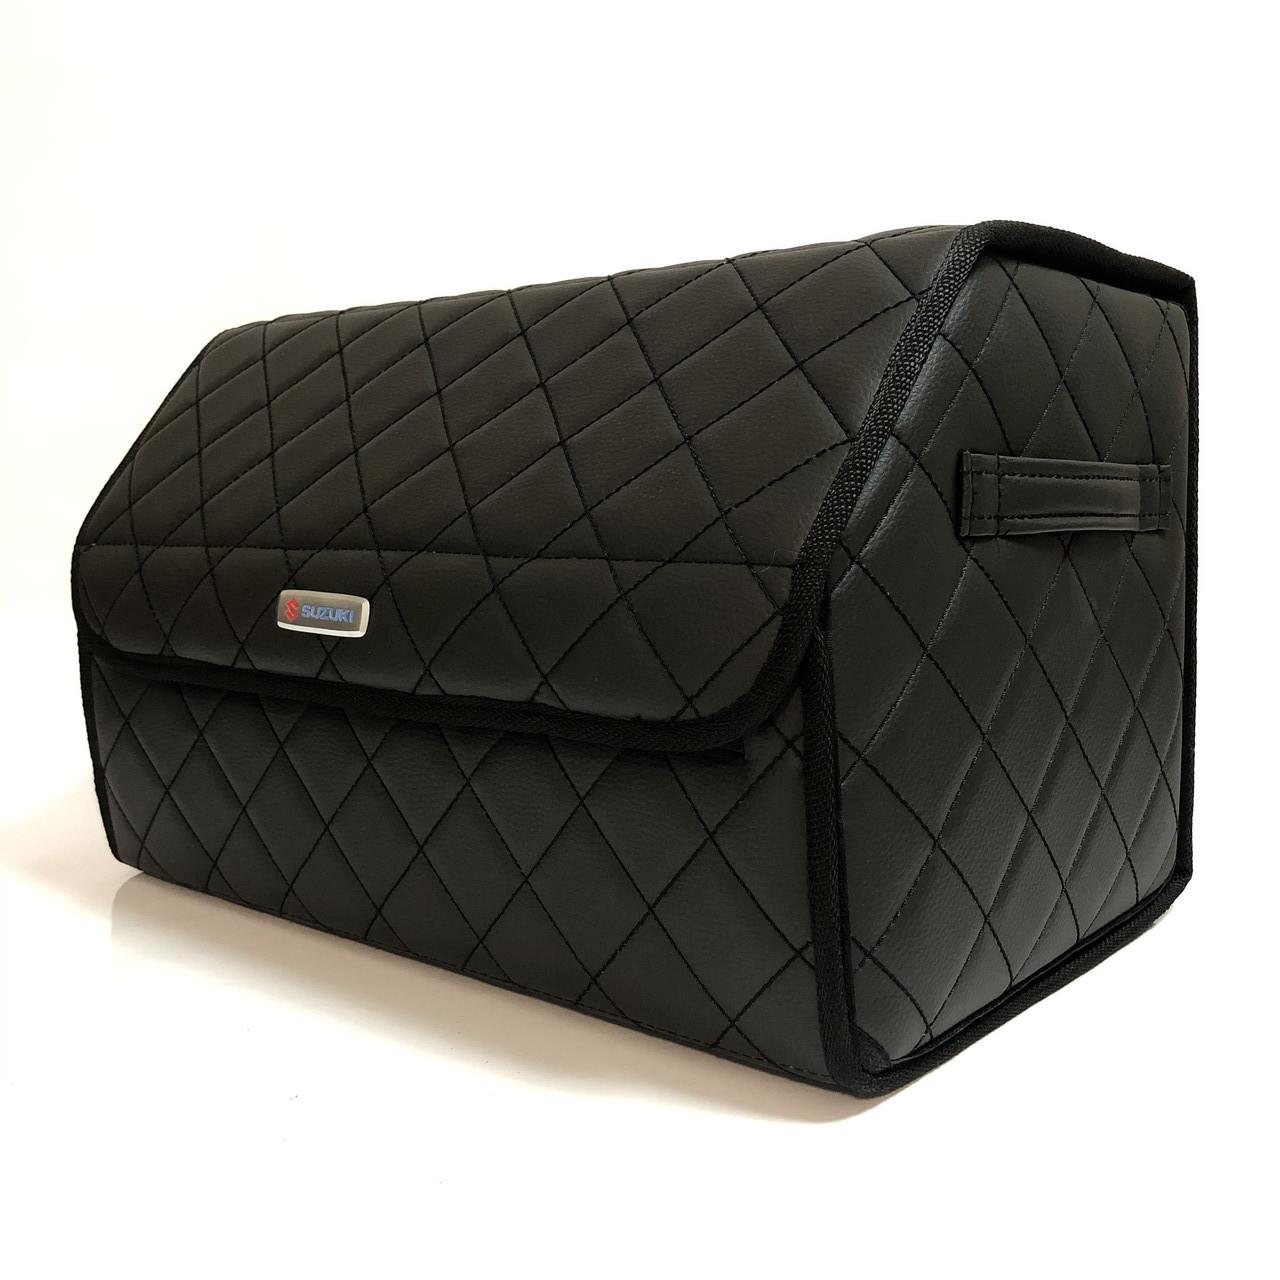 Саквояж с лого в багажник « Suzuki» I Органайзер в авто черный Сузуки